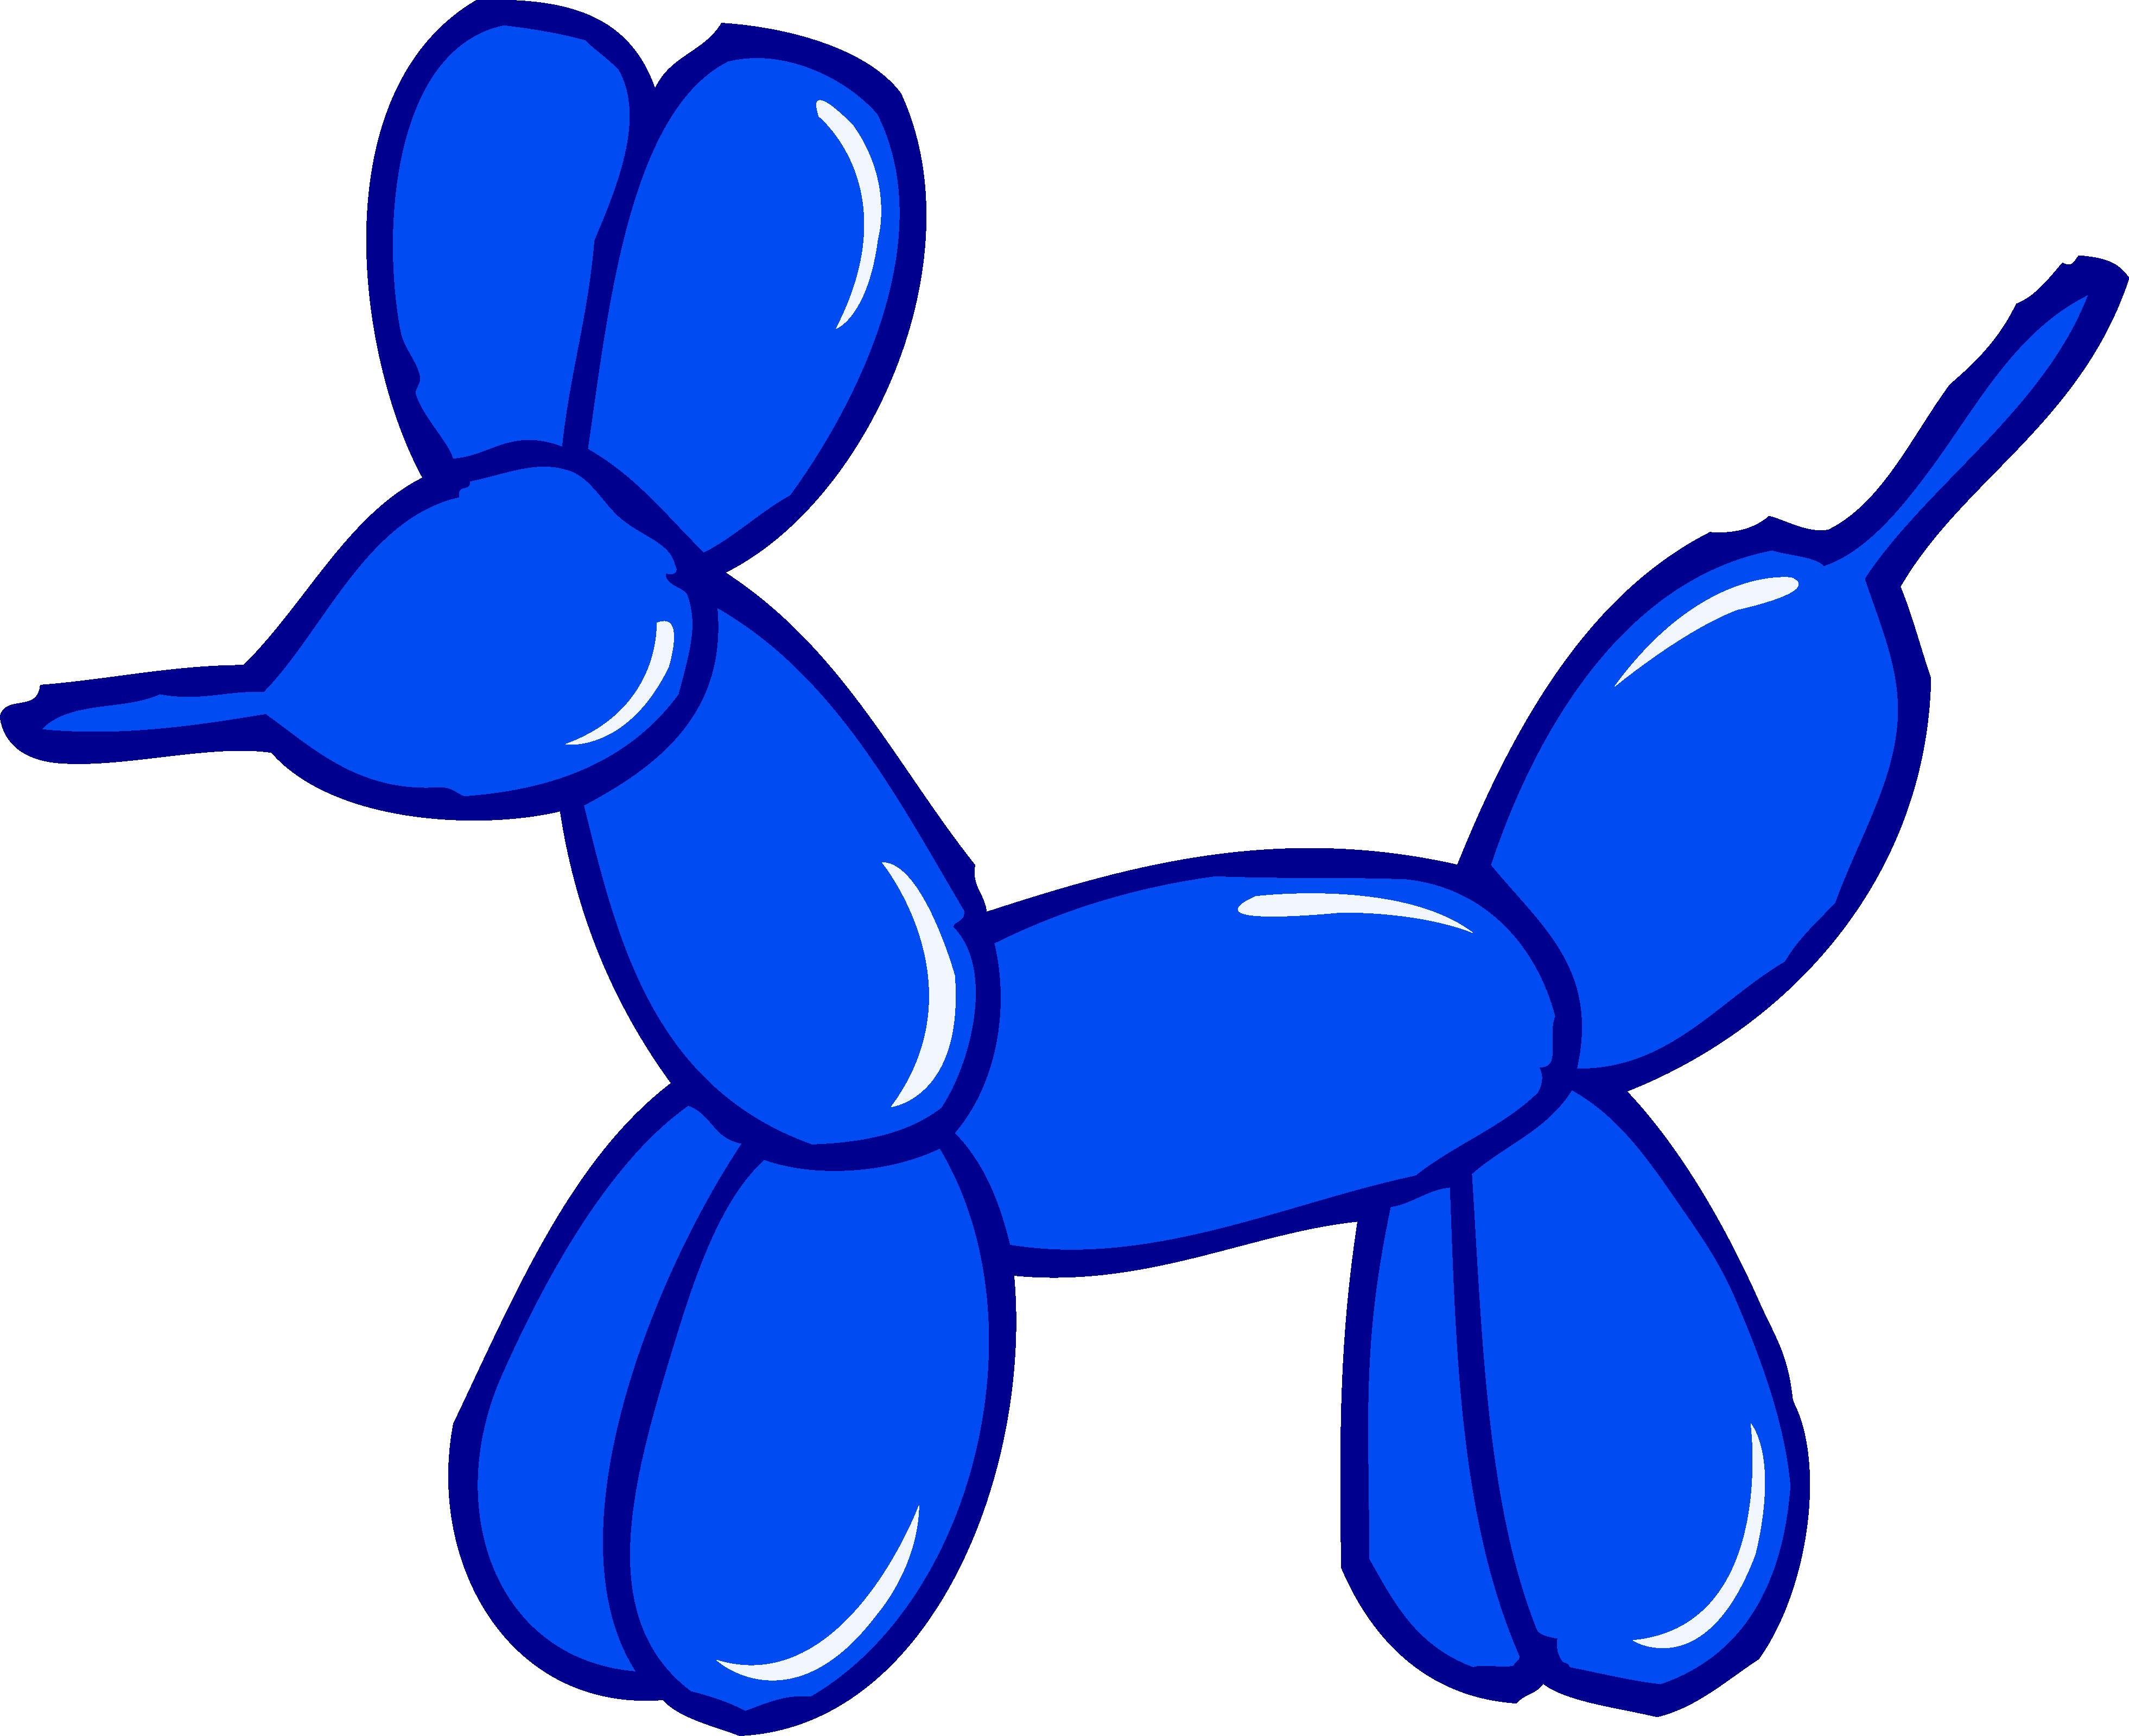 3923x3199 Cute Blue Balloon Animal